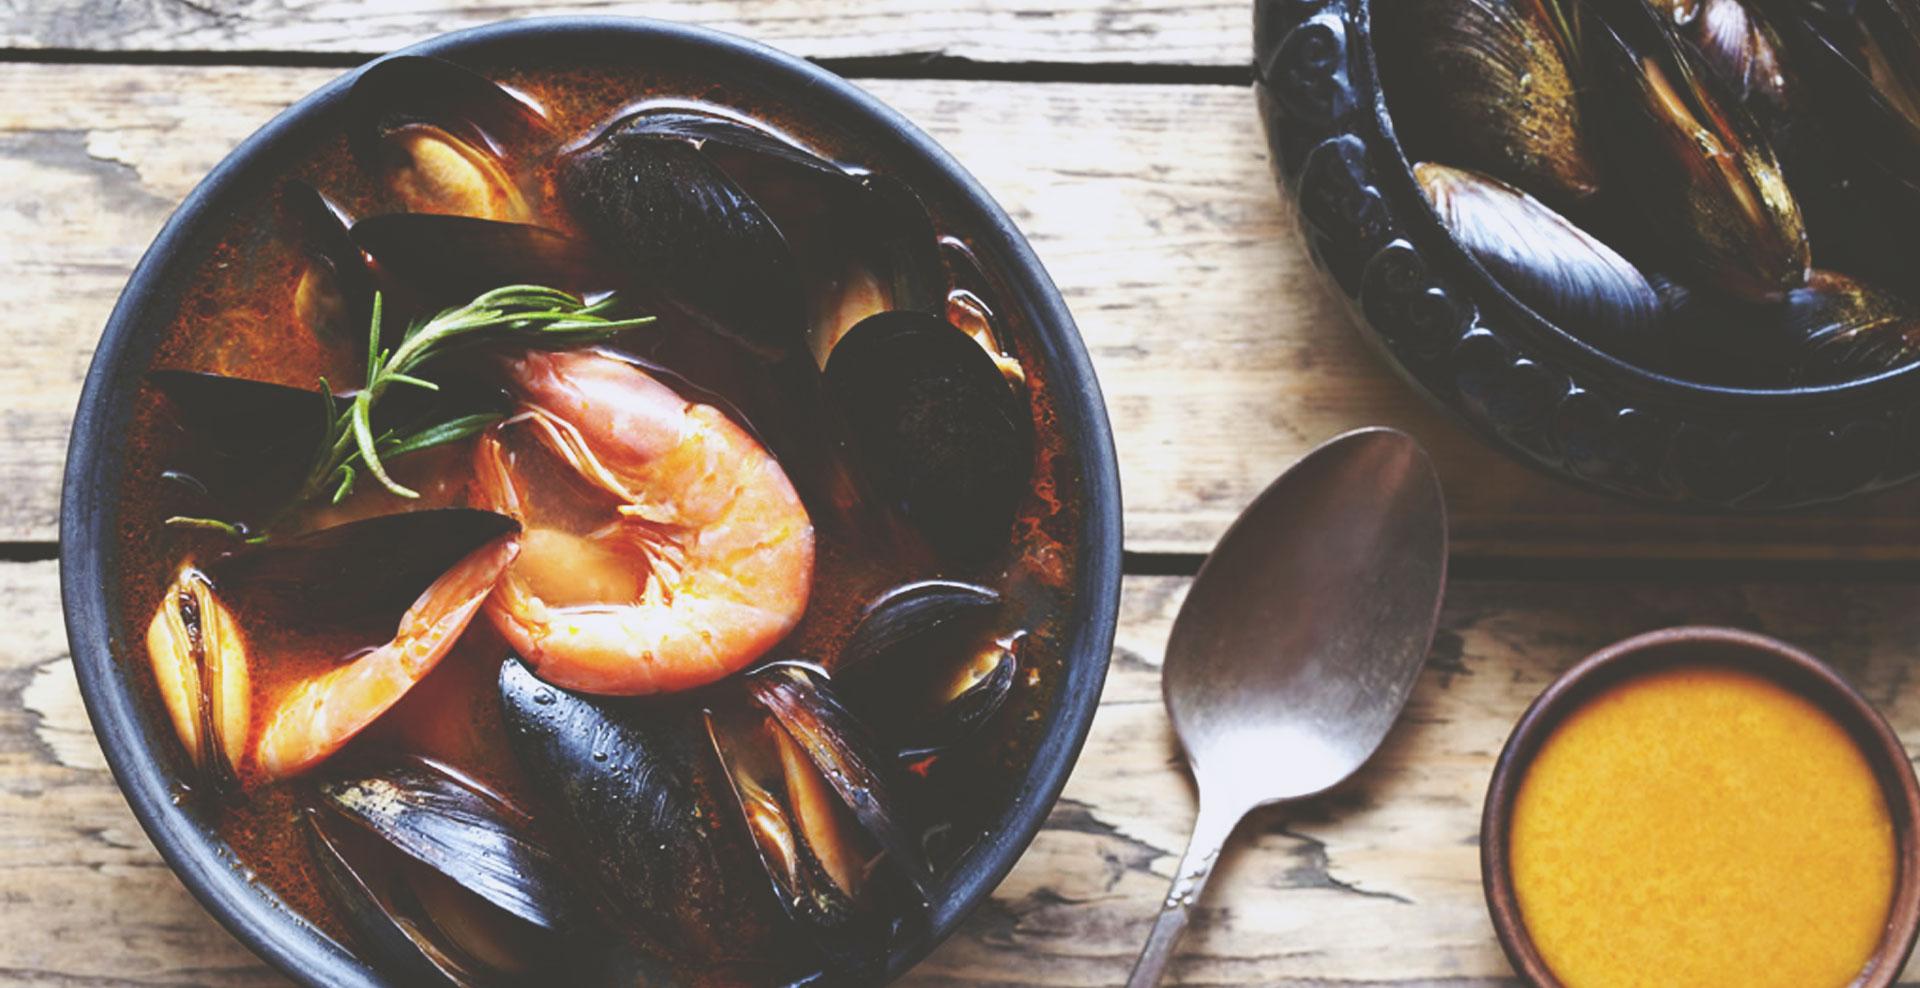 Petites anecdotes sur la cuisine marseillaise le blog invite1chef - Cuisine marseillaise recettes ...